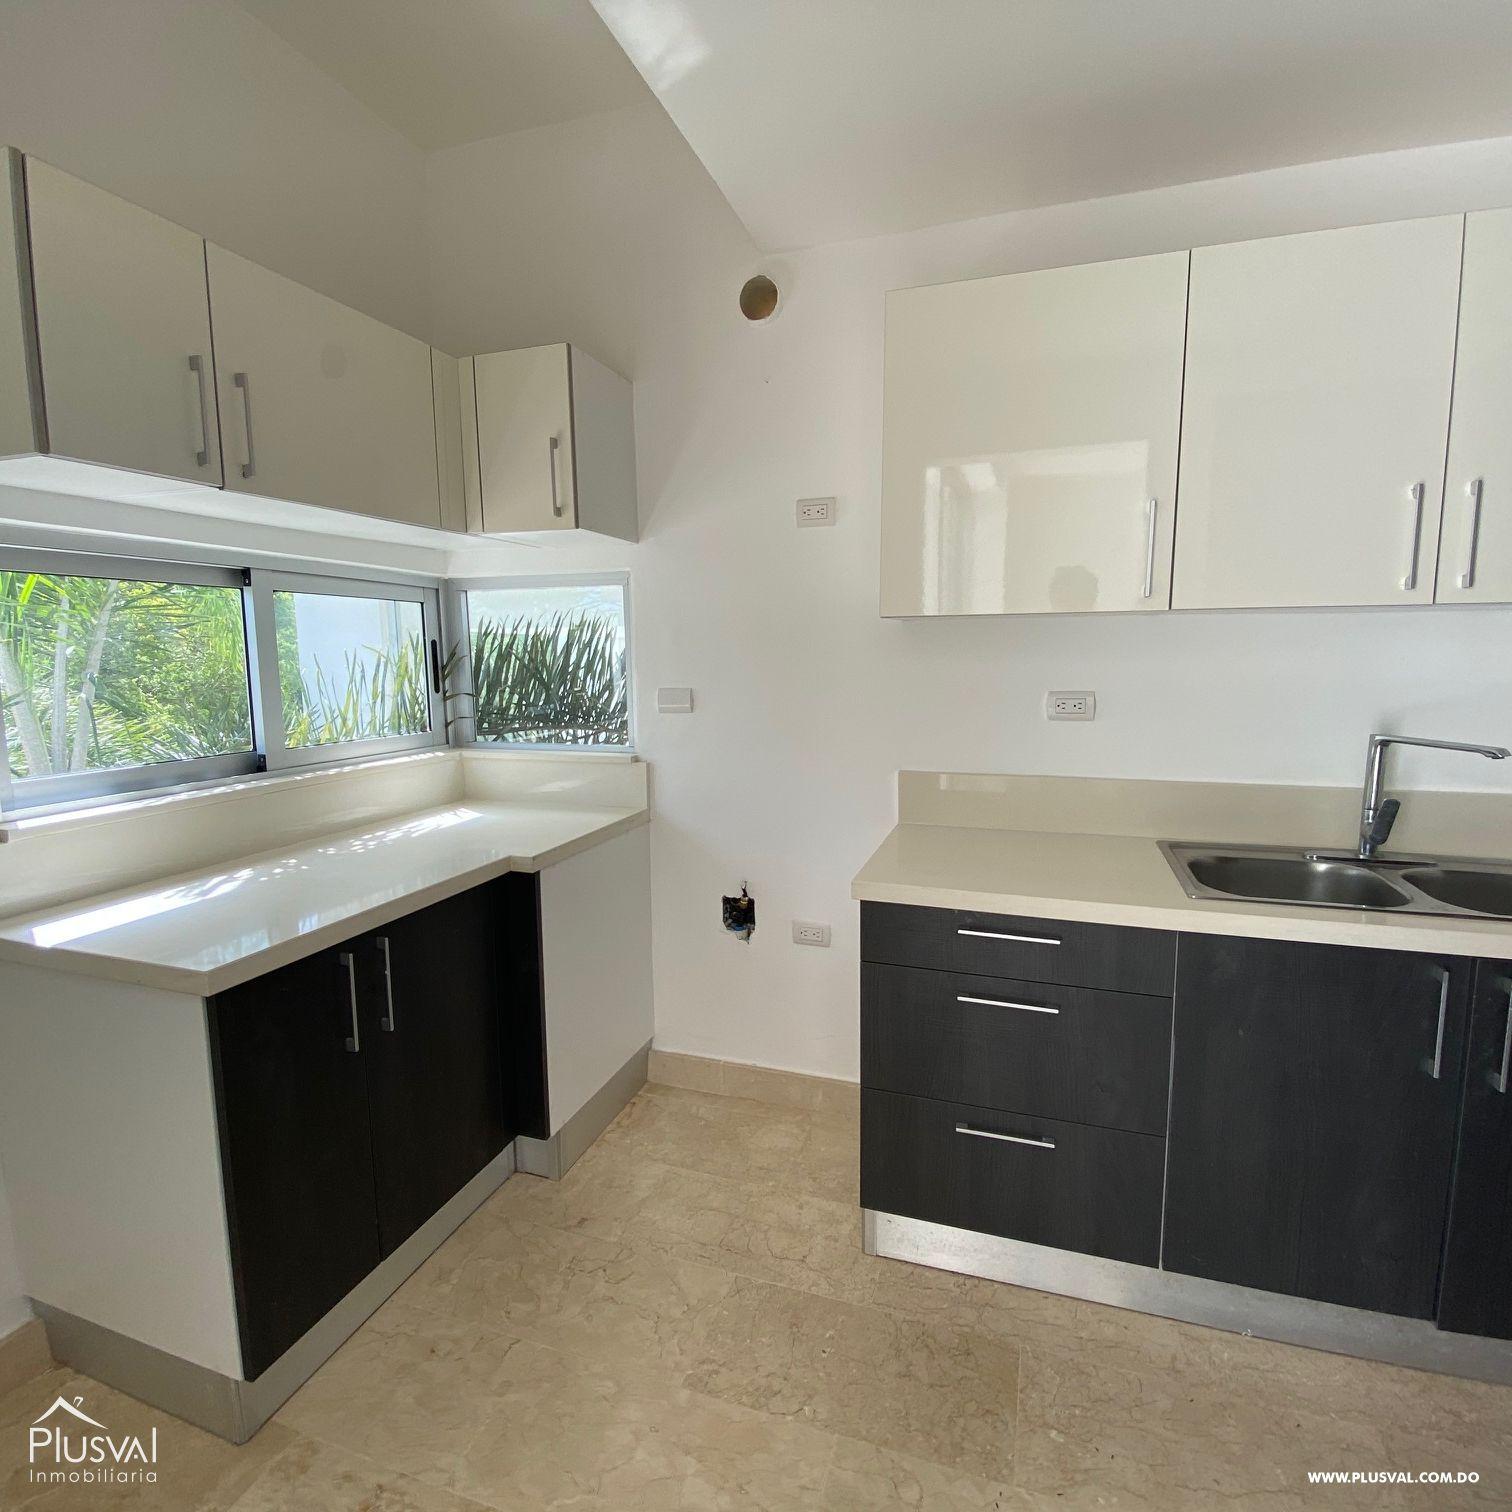 Apartamento en venta, en Puntacana Village 152477